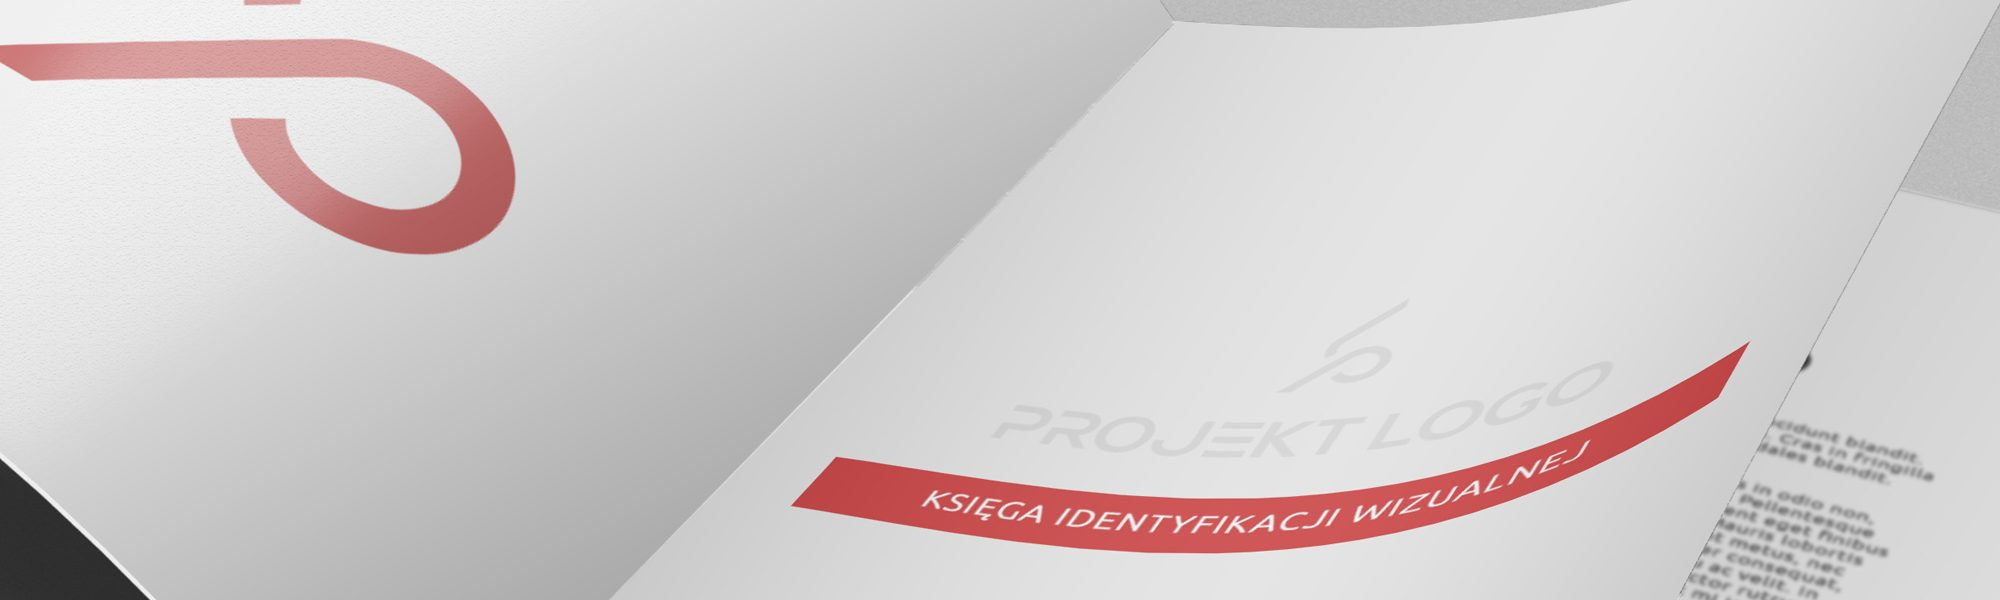 Corporate identity book Białystok, Warszawa